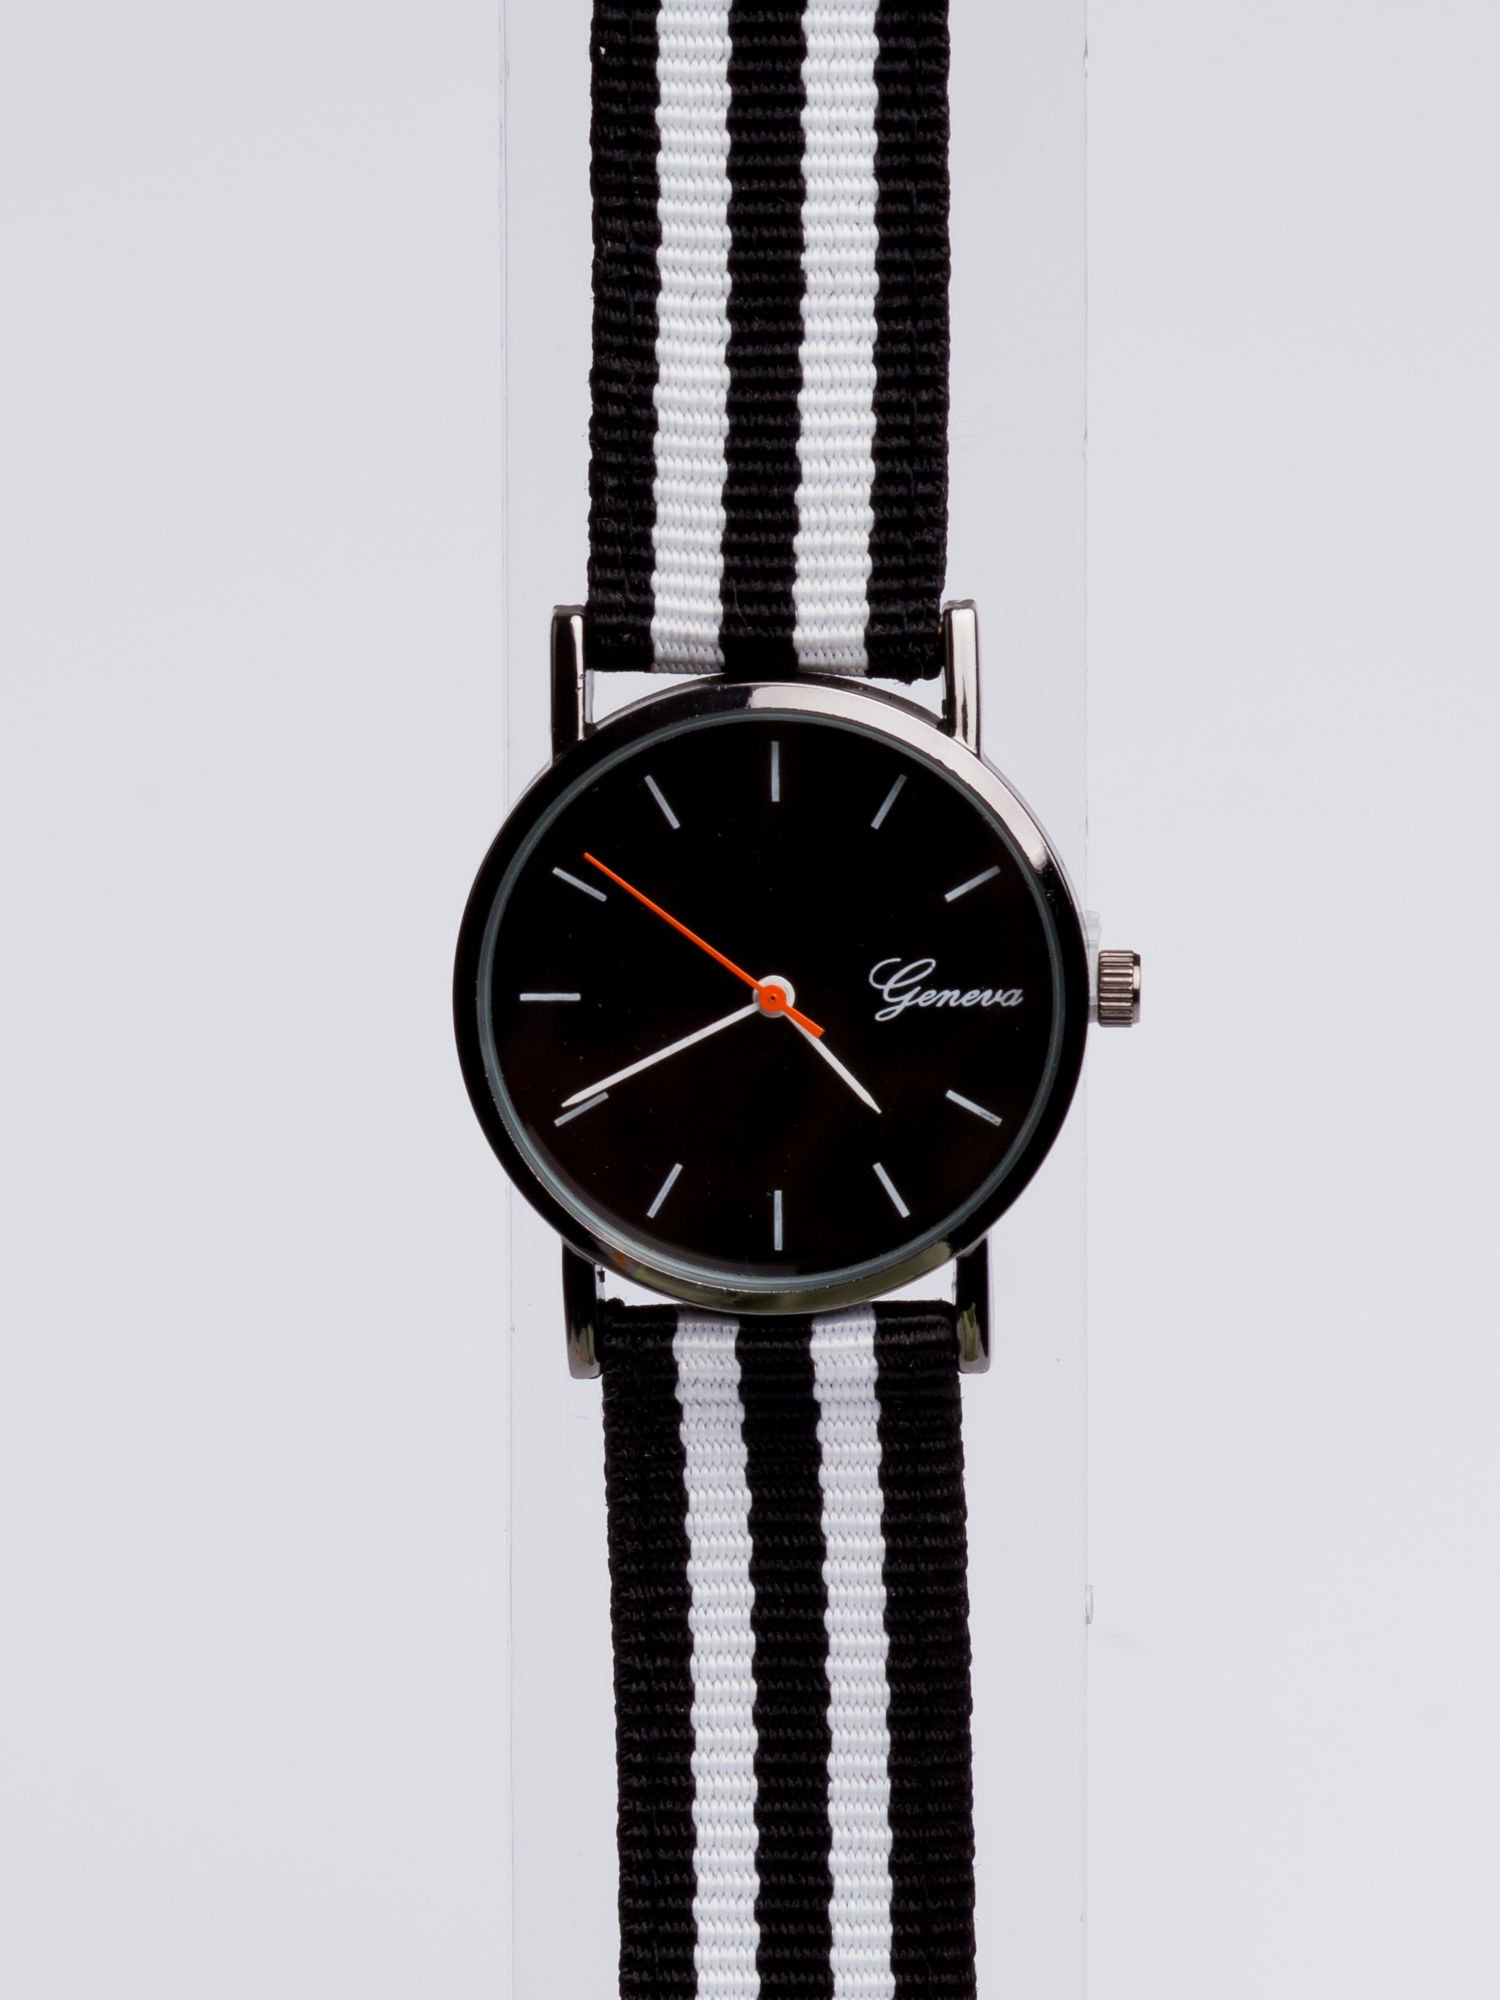 GENEVA Czarny zegarek unisex z modnym materiałowym kolorowym paskiem                                  zdj.                                  3